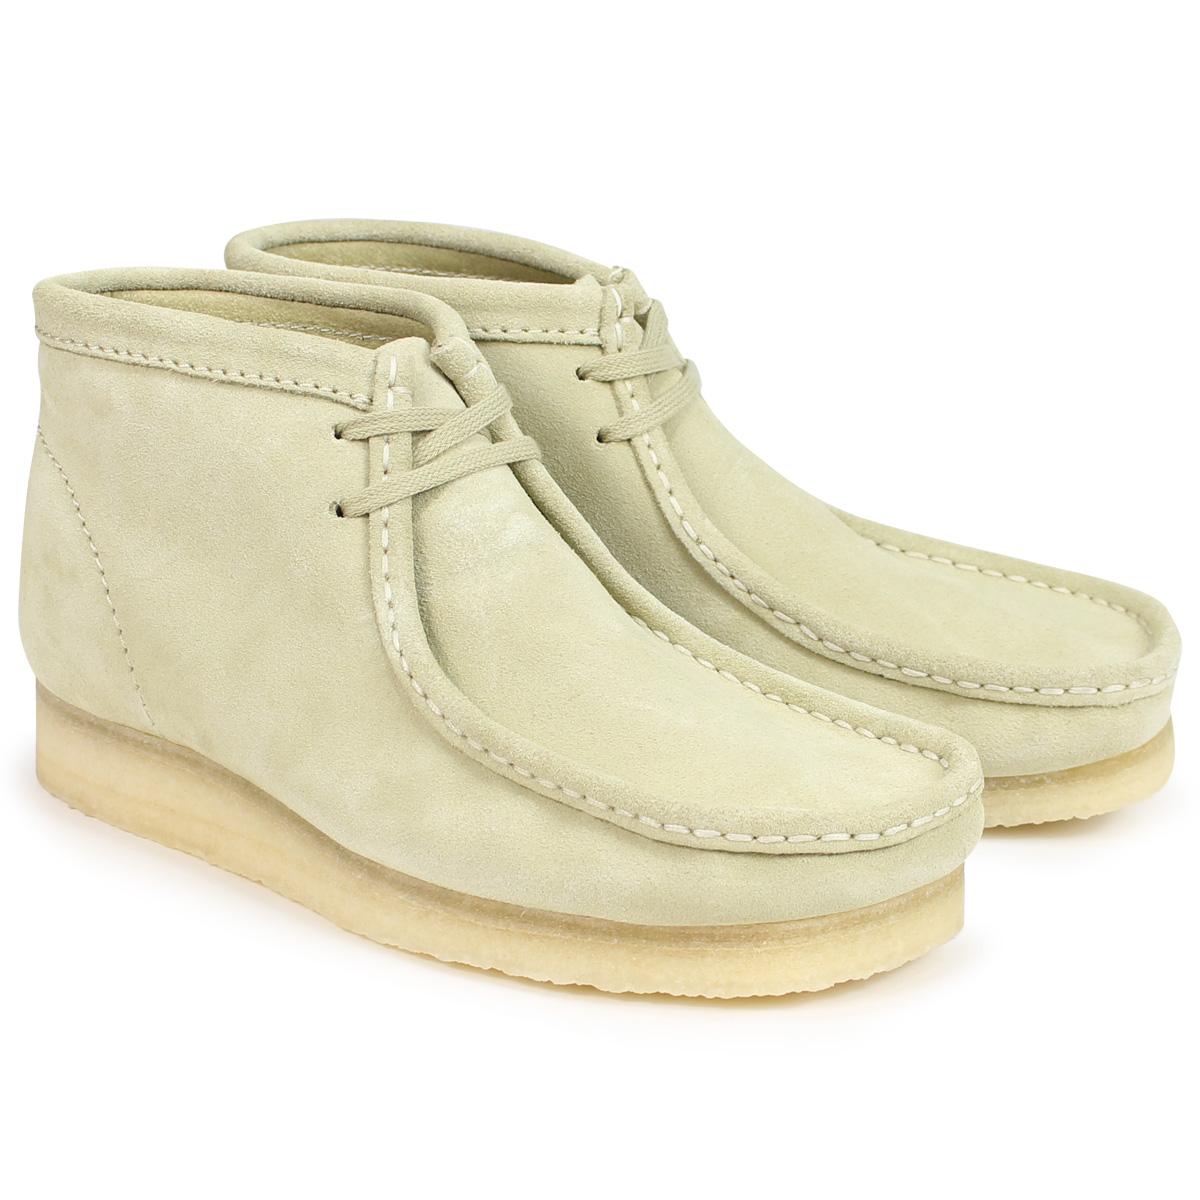 Clarks WALLABEE BOOT クラークス ワラビー ブーツ メンズ 26133283 メープル